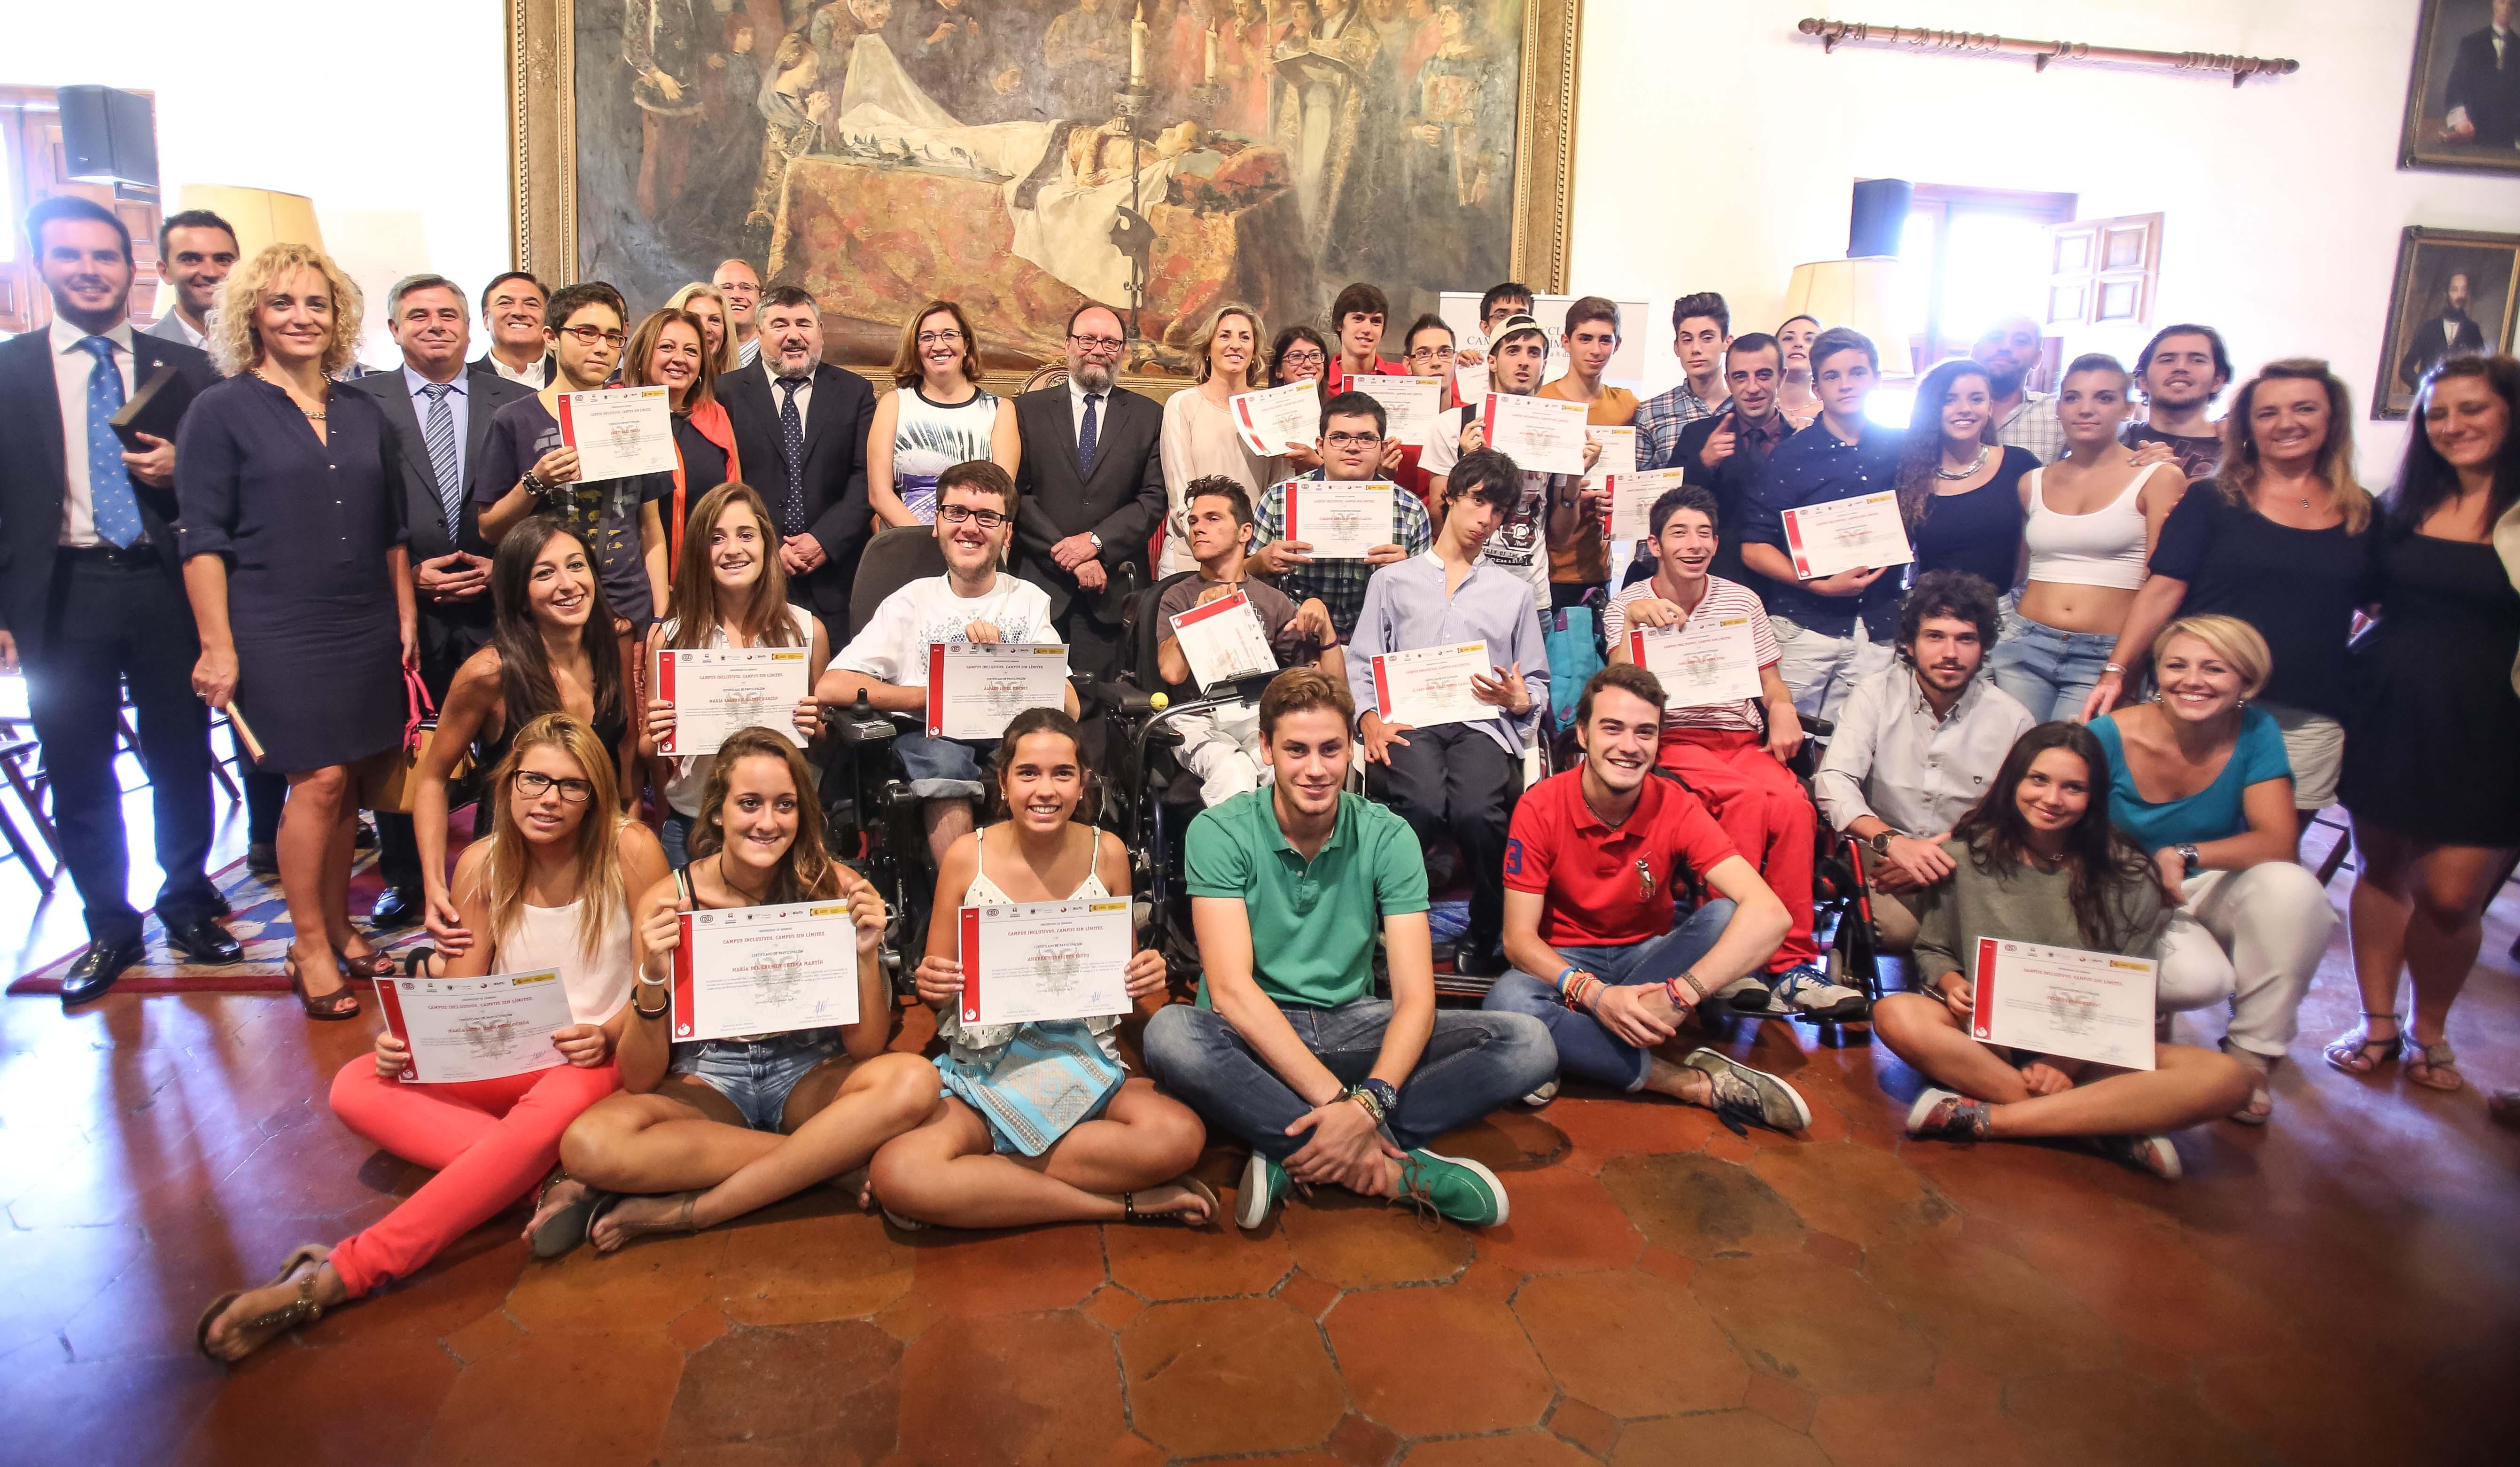 La Alhambra, distinguida por la Universidad de Granada por su participación en los 'Campos inclusivos de verano. Campus sin límites'